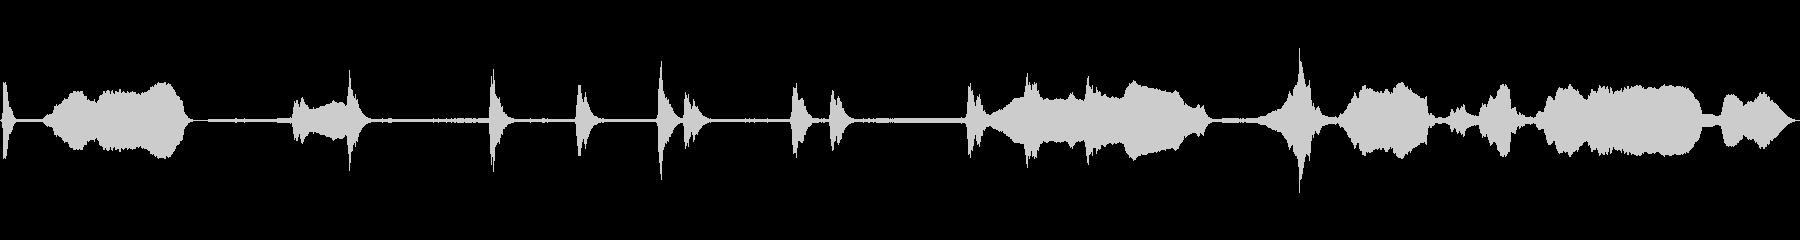 工事の音(電動のこぎりとネイルガン)の未再生の波形